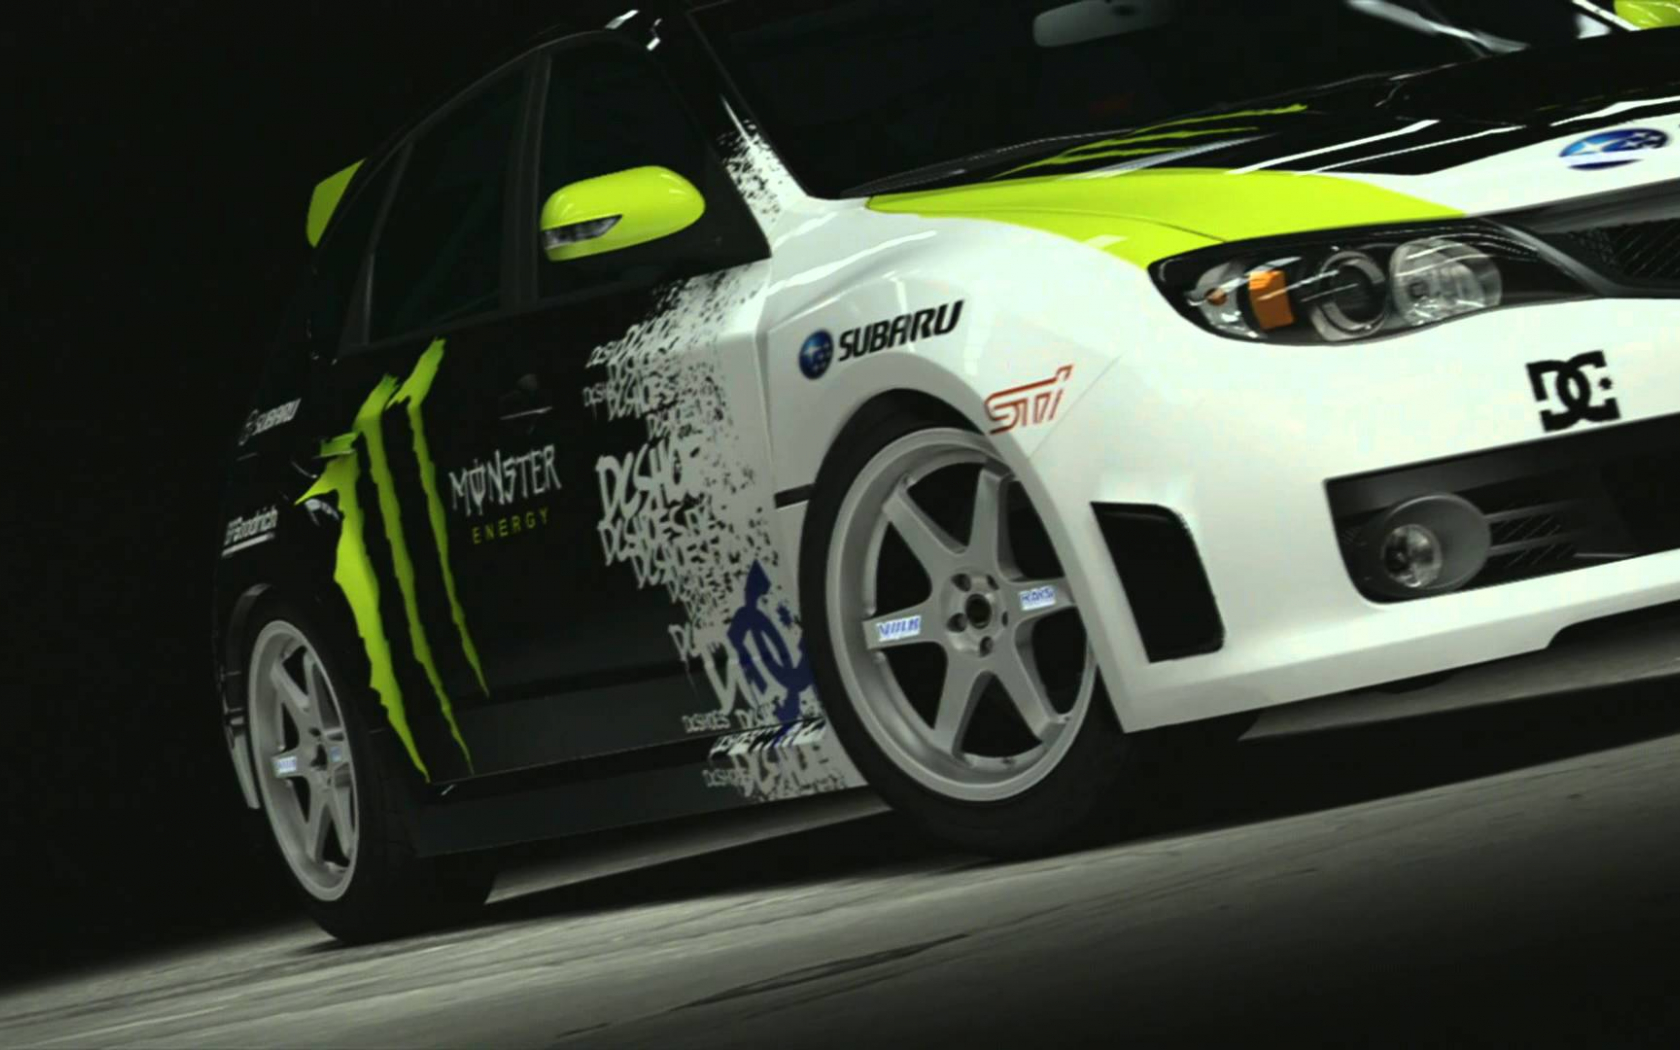 Free Download Subaru Impreza Wrx Sti Ken Block Gymkhana Car 1080p